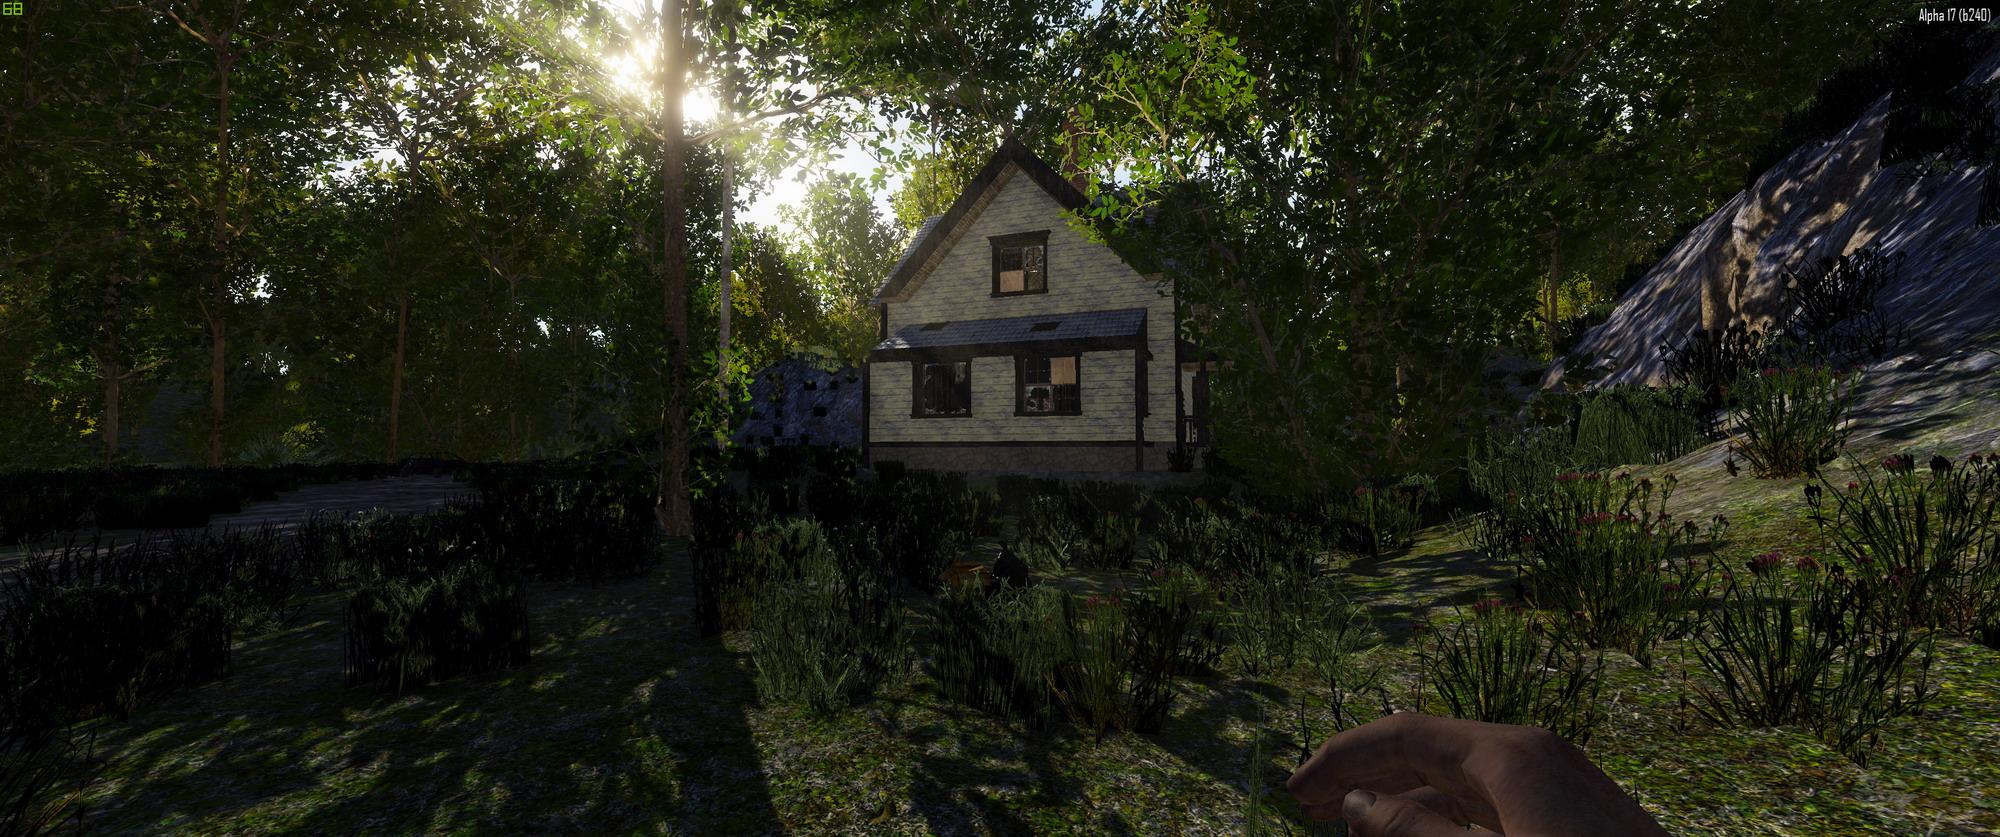 《七日杀》高清材质MOD发布 画面大提升效果惊人